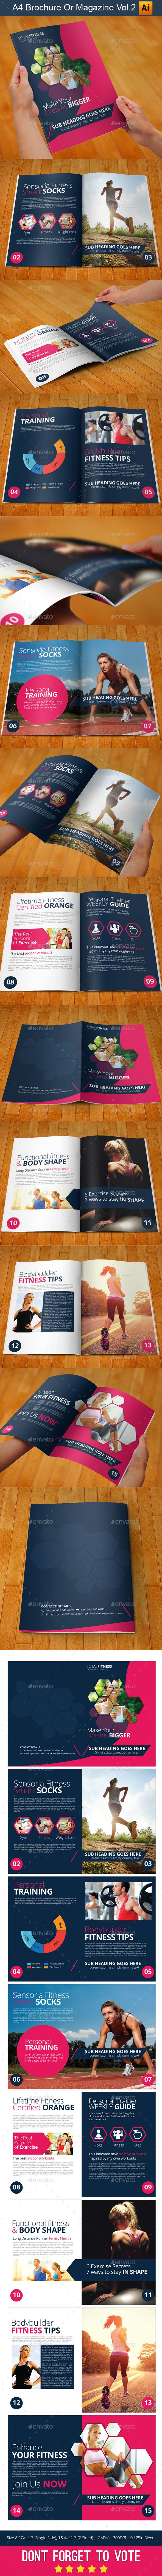 GraphicRiver A4 Brochure Or Magazine Vol.2 11092867